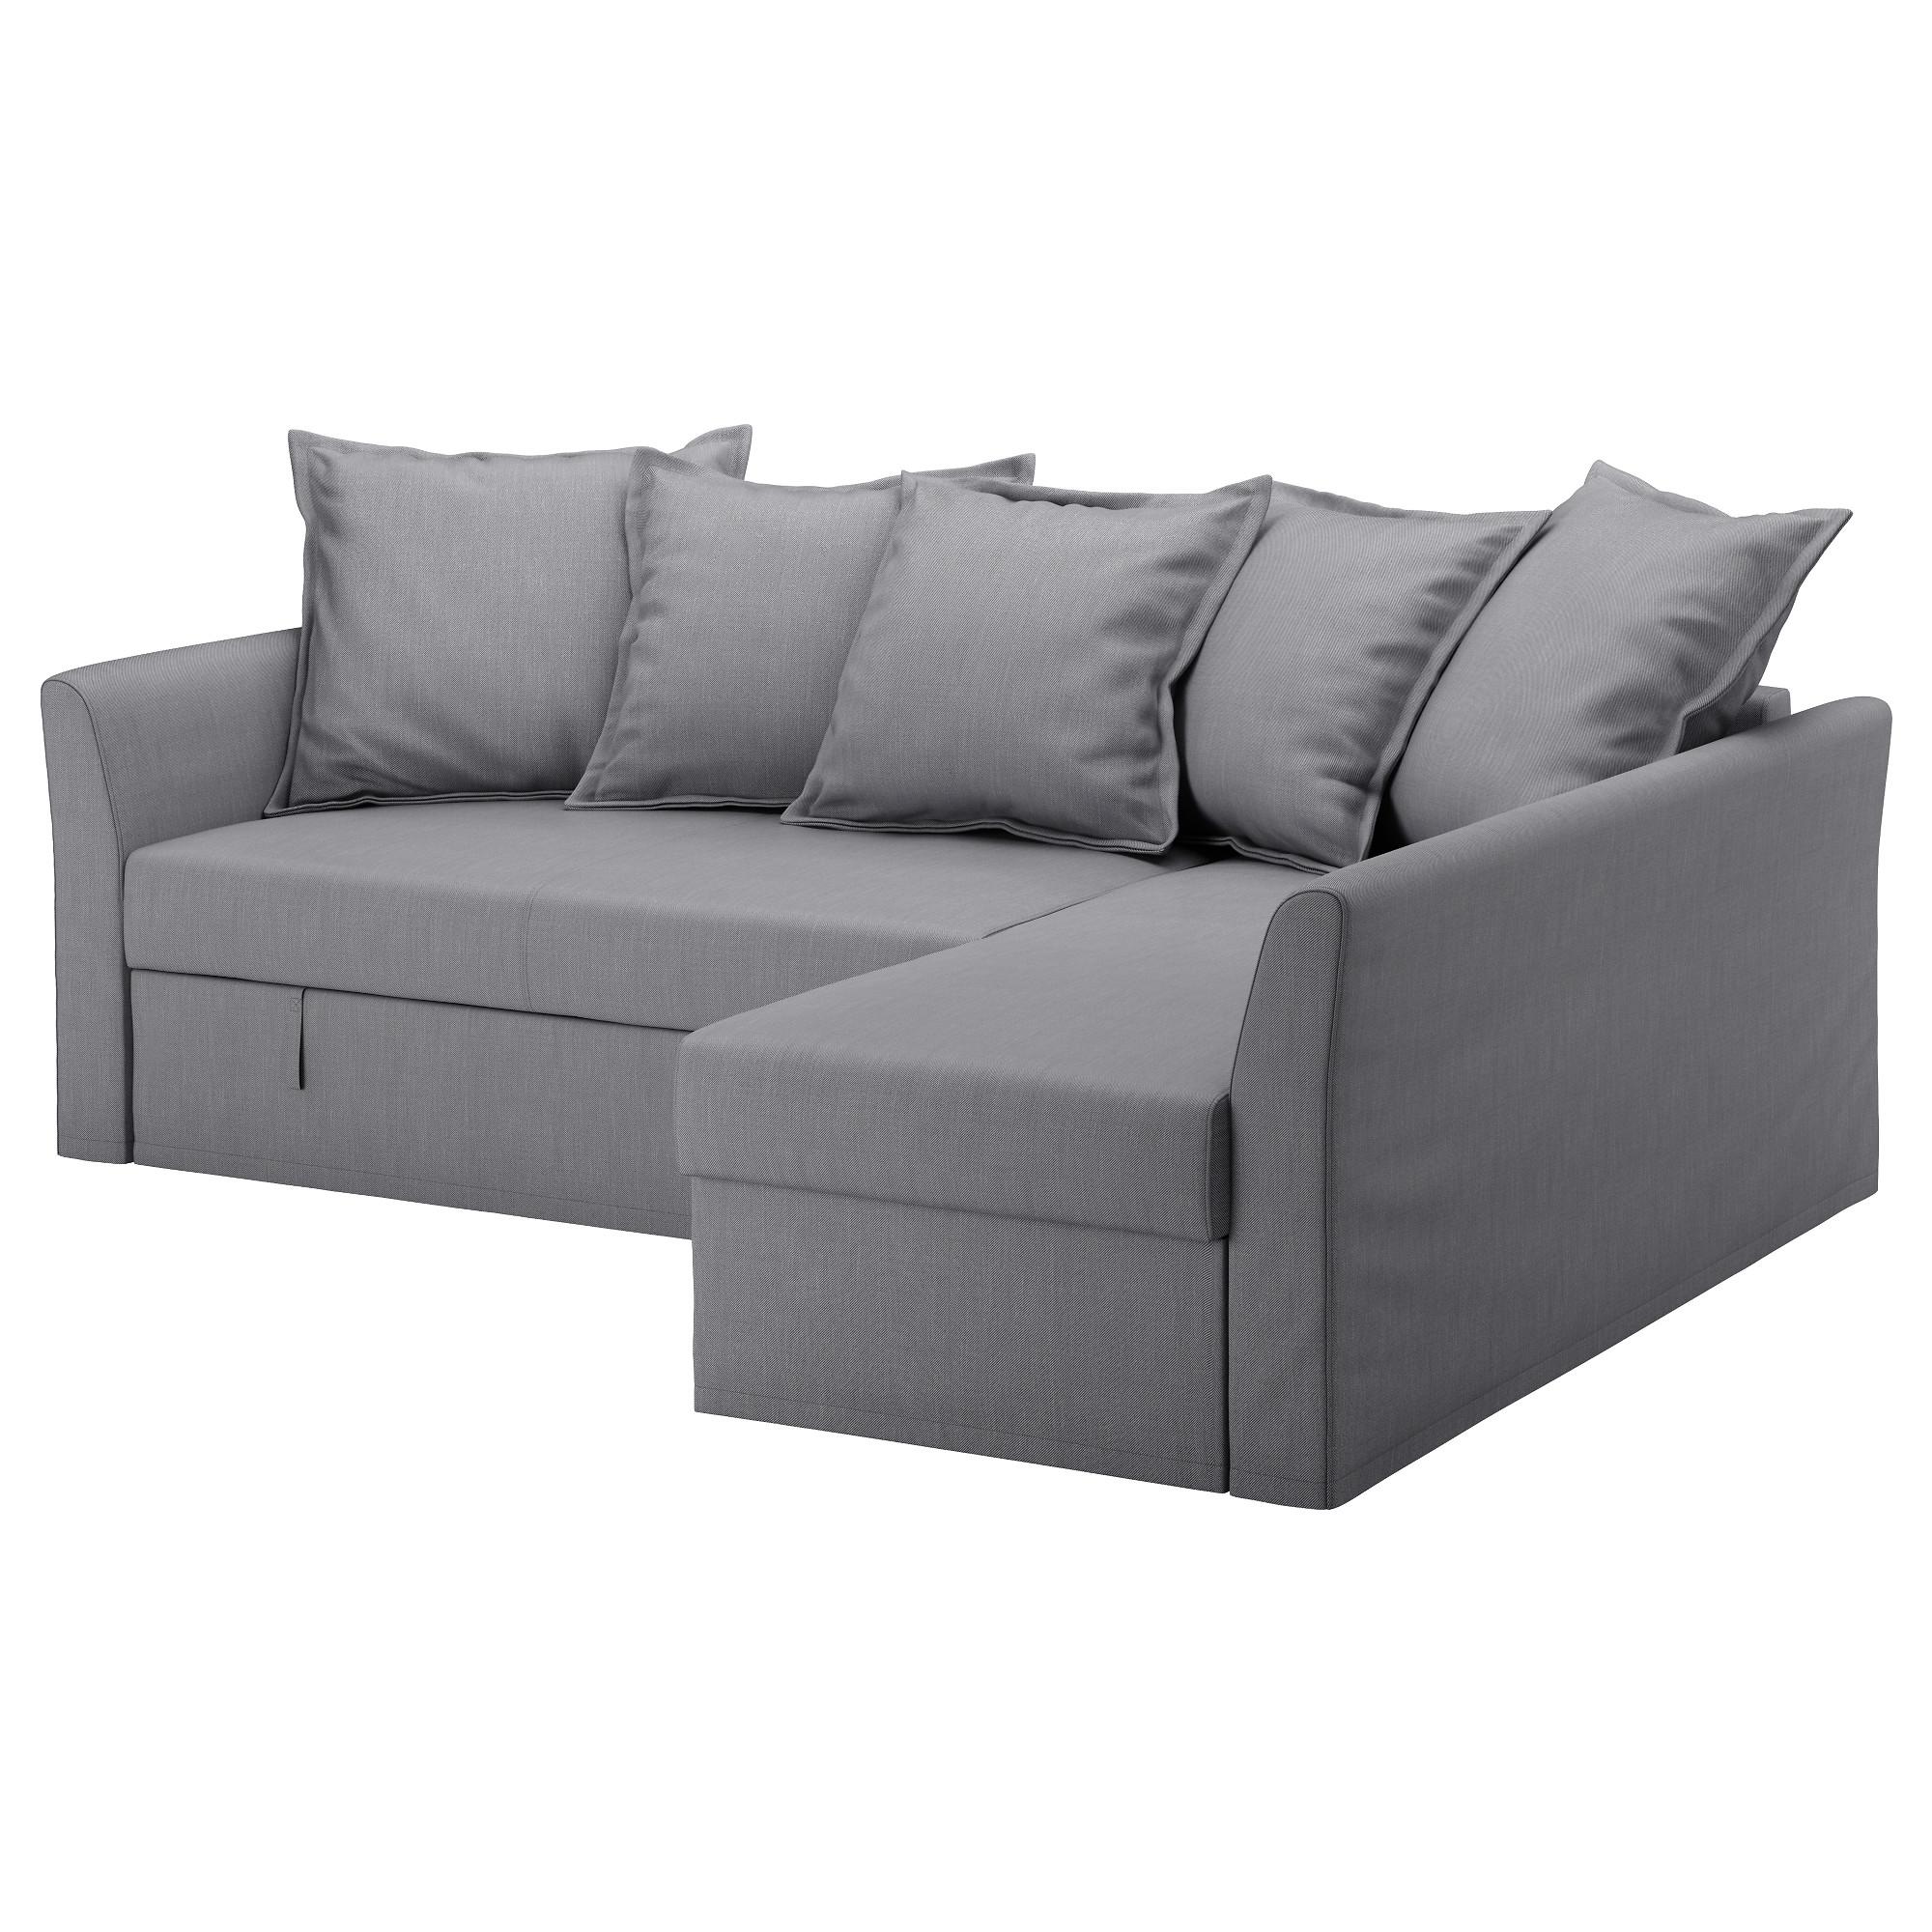 HOLMSUND Corner sofabed, Nordvalla medium grey Chaise